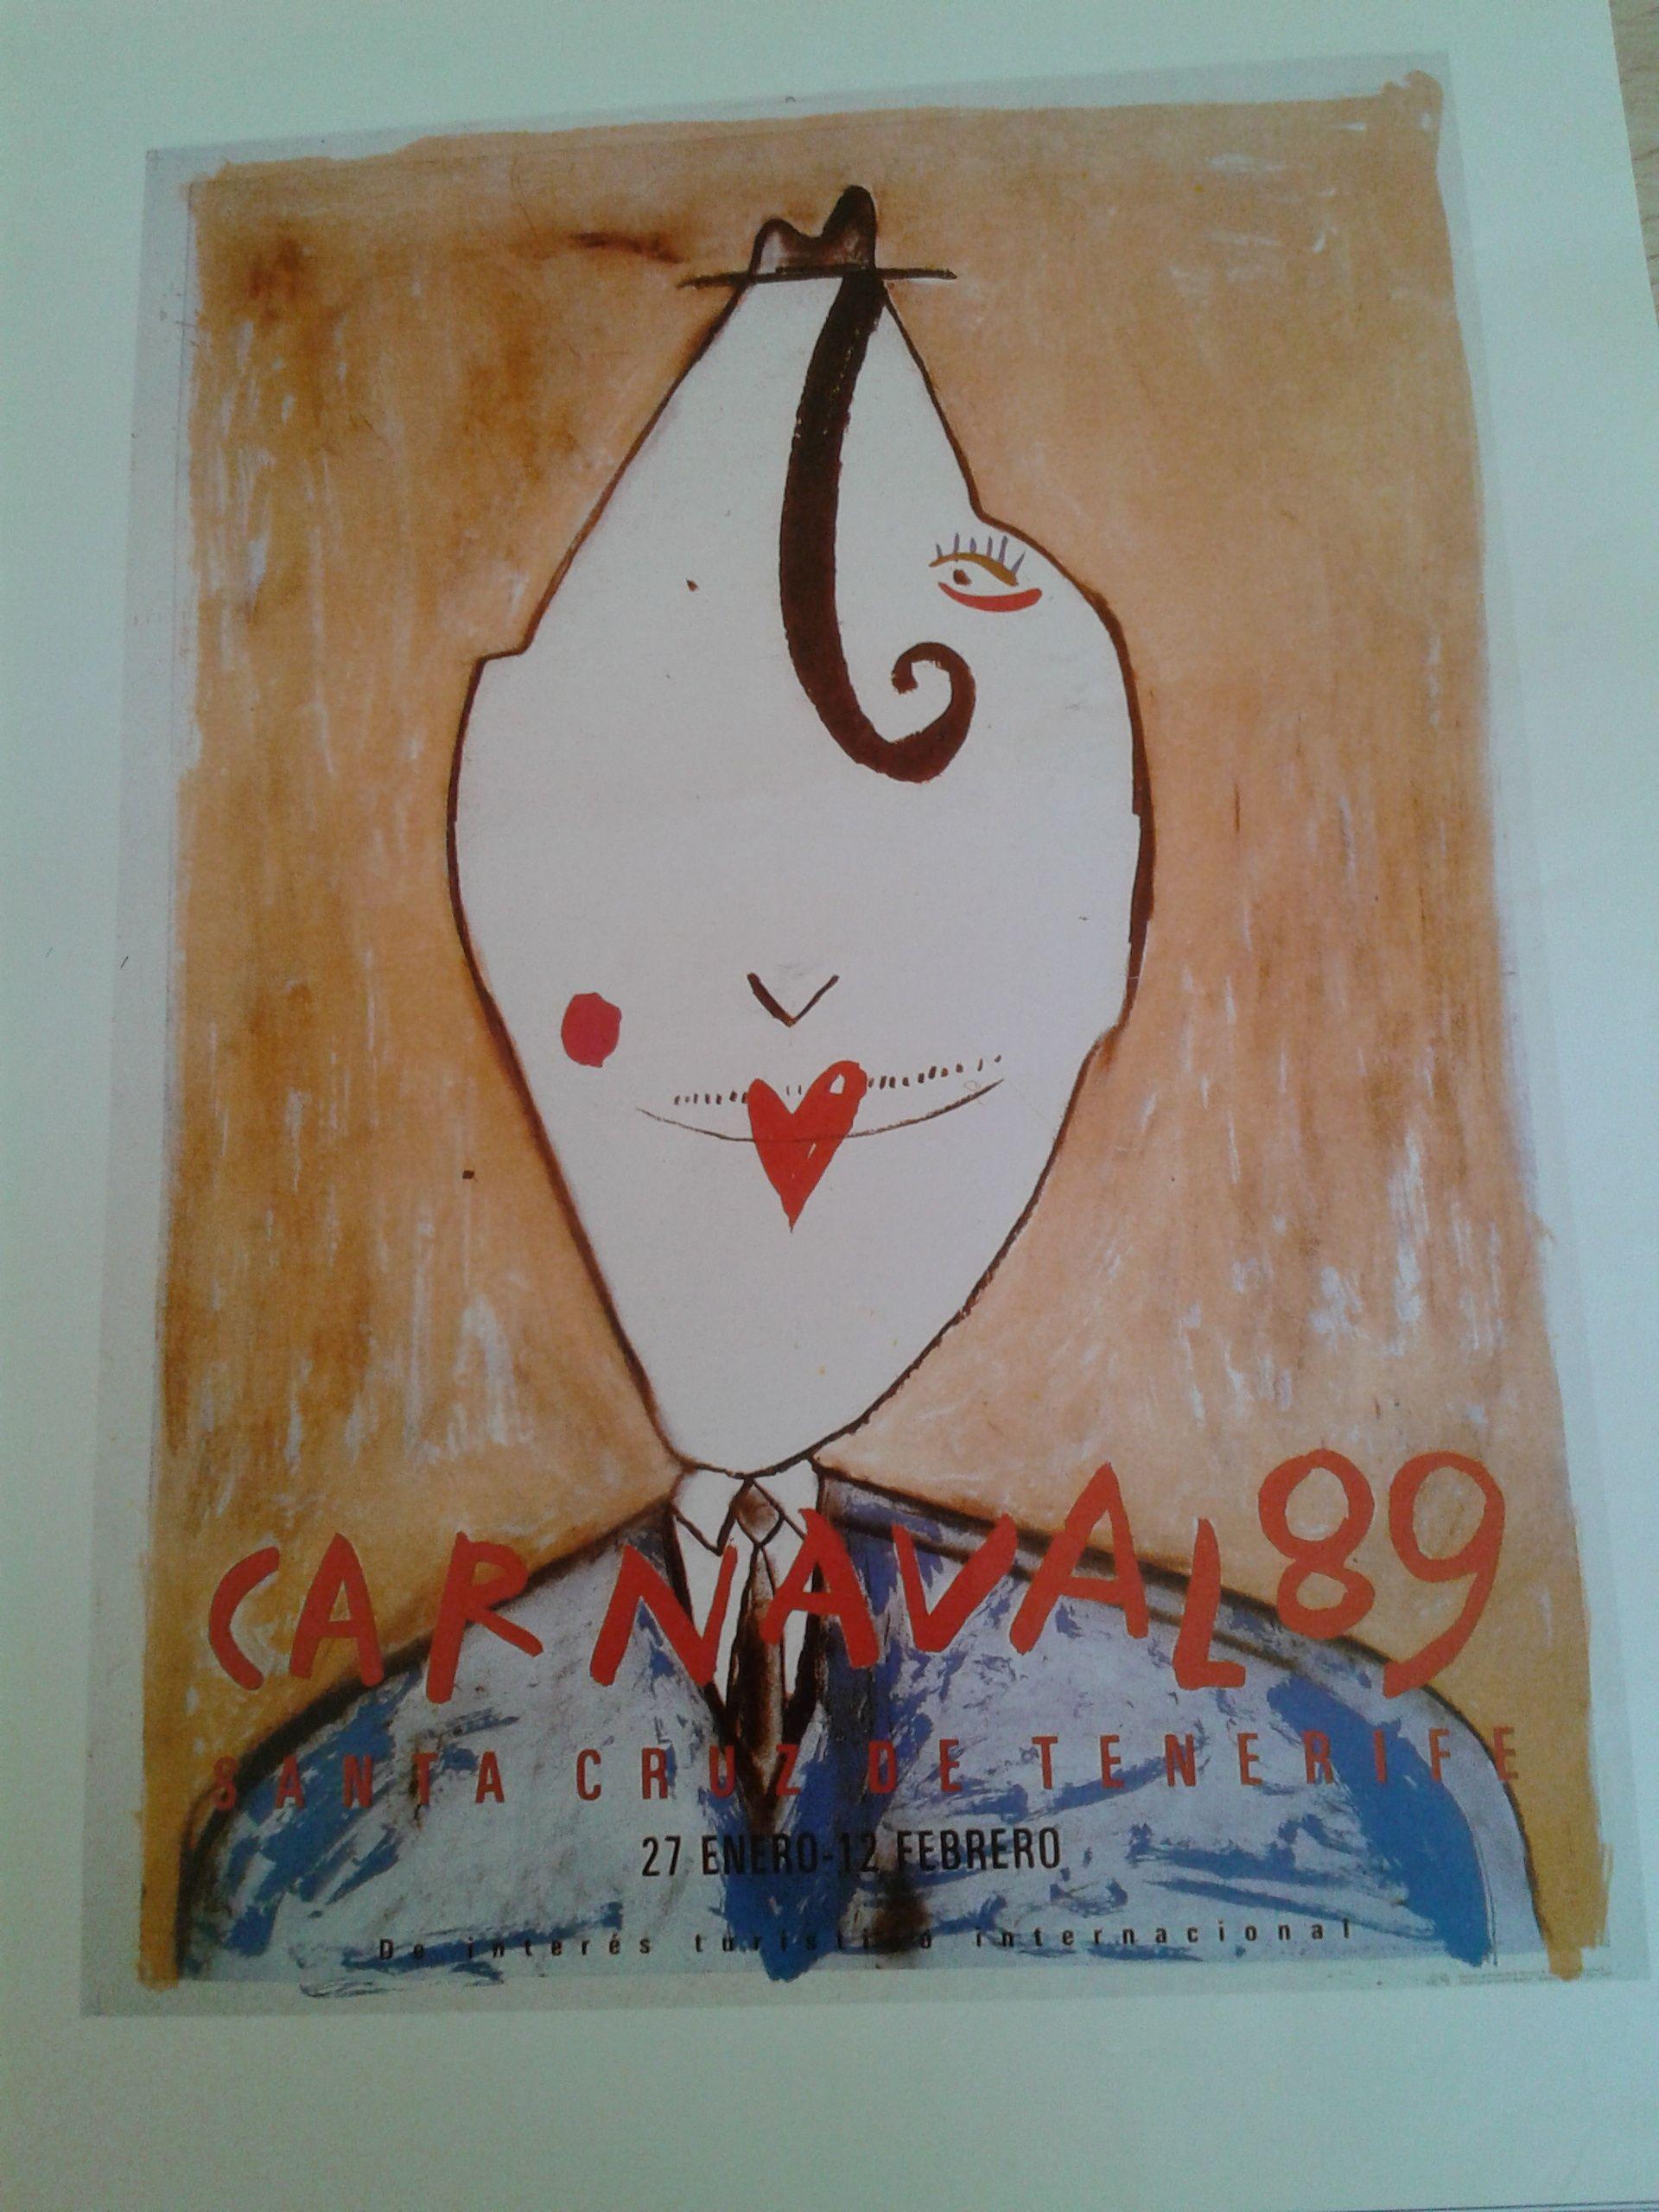 Cartel del Carnaval de Santa Cruz de Tenerife, año 1989